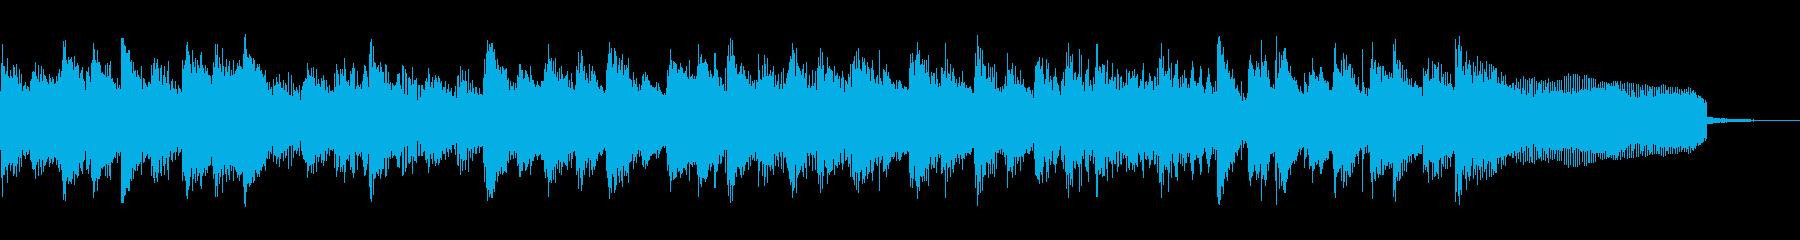 ポップなジングル 場面転換 番組 ラジオの再生済みの波形